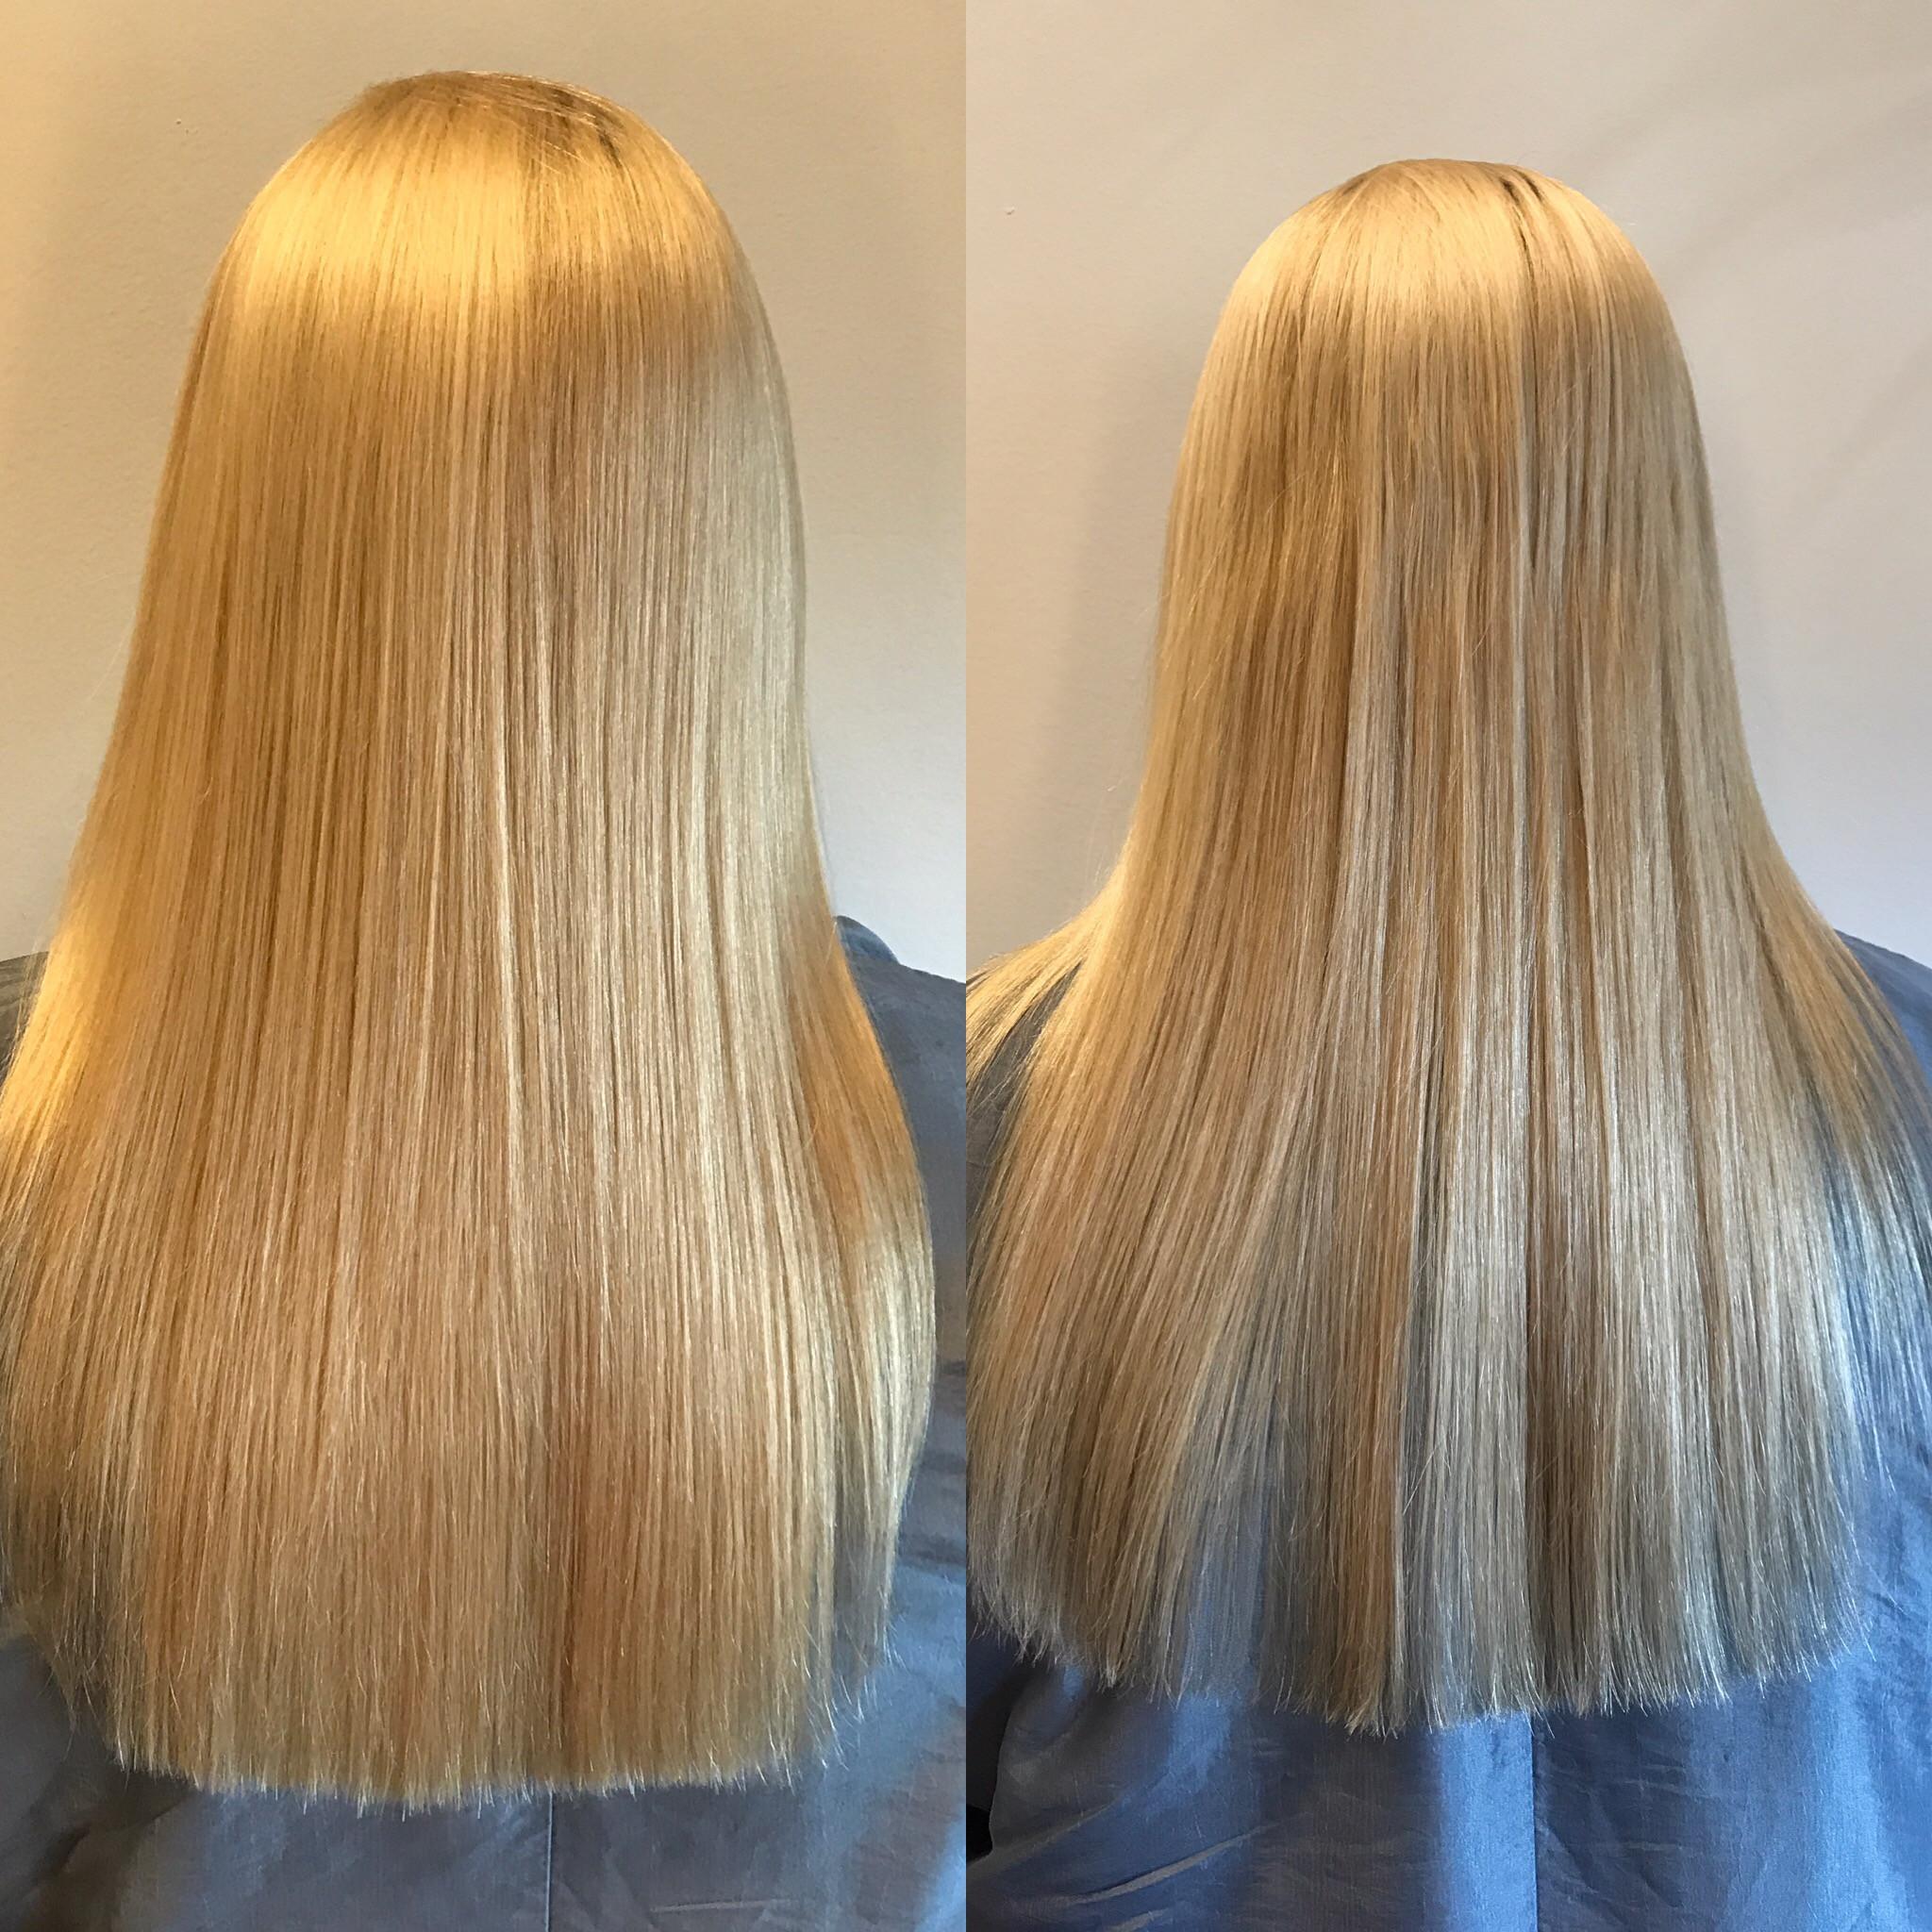 Hair Extensions Portfolio Janelle Alexis Salon